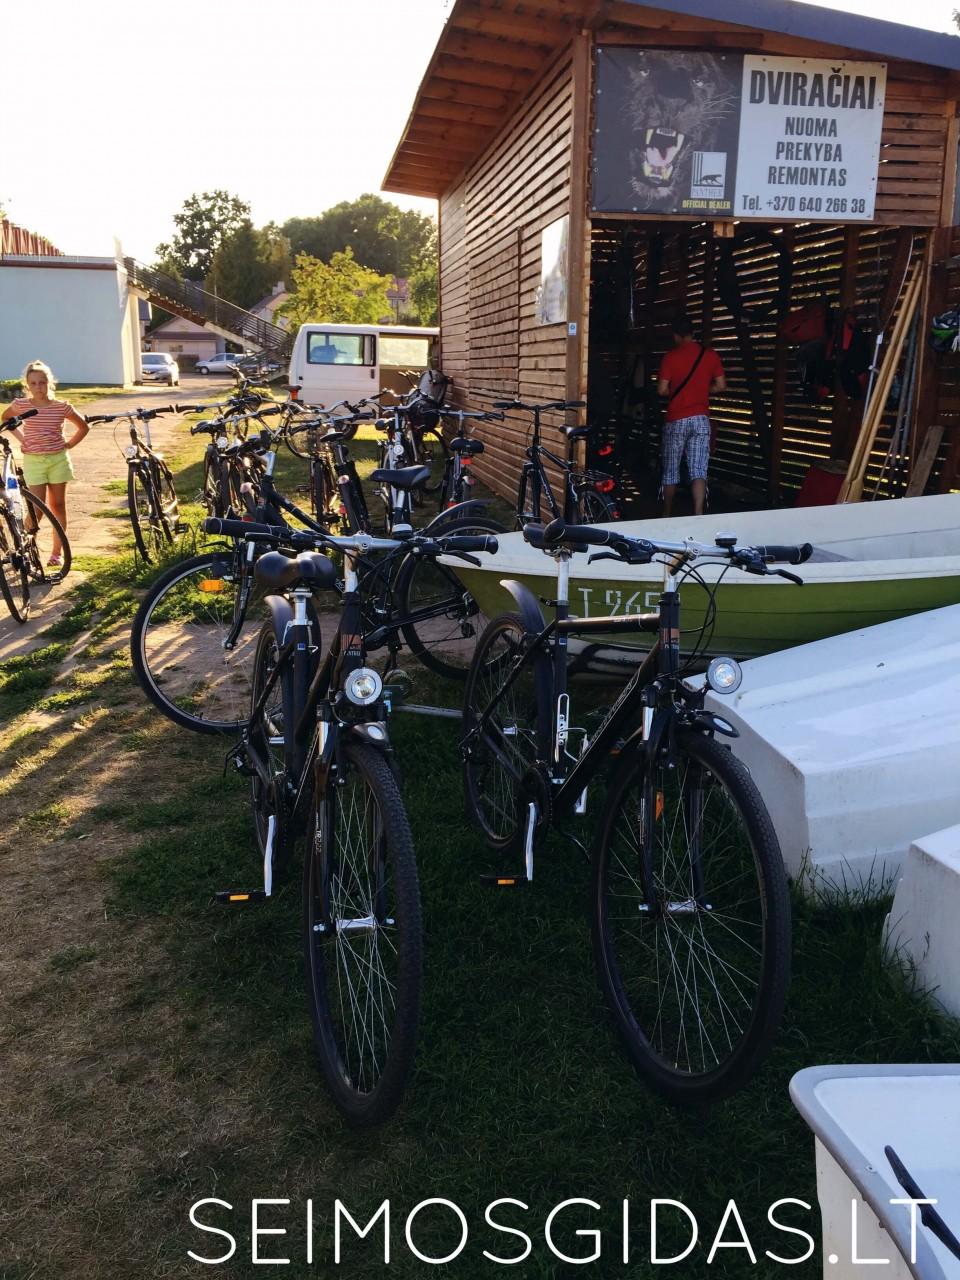 dviračių nuoma Birštone